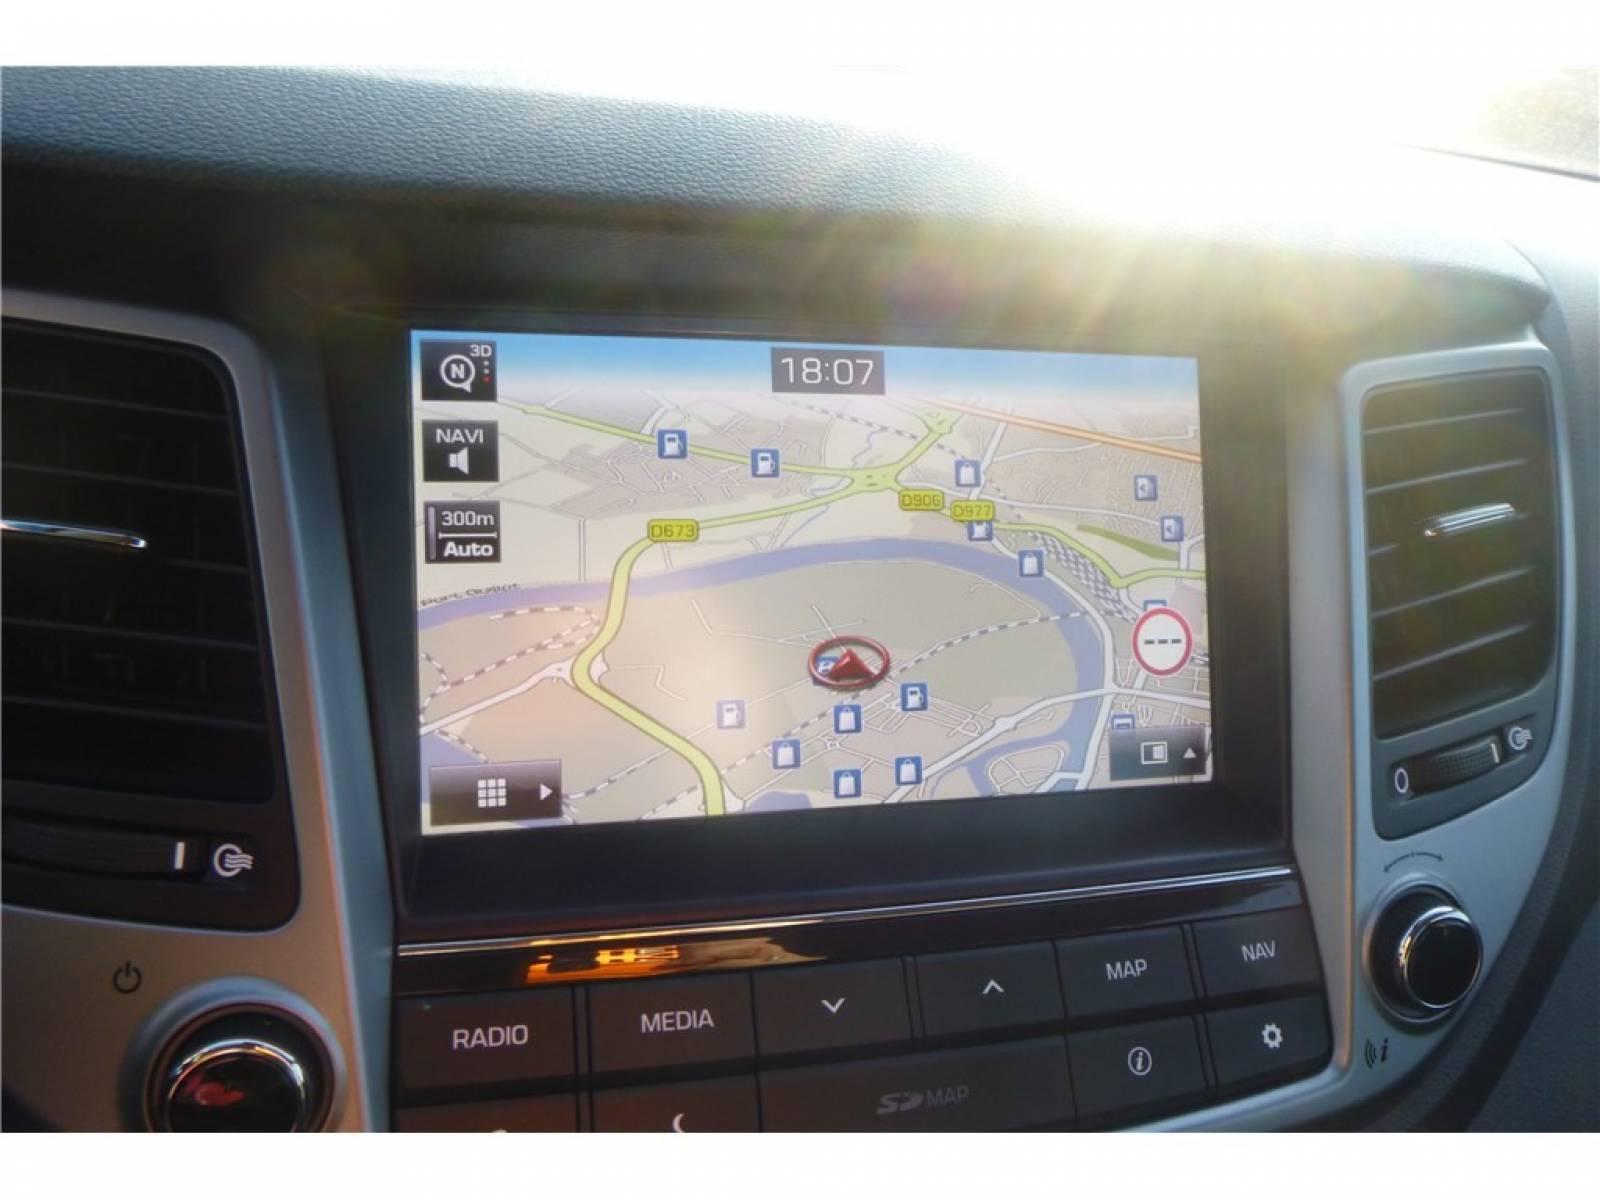 HYUNDAI Tucson 1.7 CRDi 141 2WD DCT-7 - véhicule d'occasion - Groupe Guillet - Chalon Automobiles - 71100 - Chalon-sur-Saône - 36